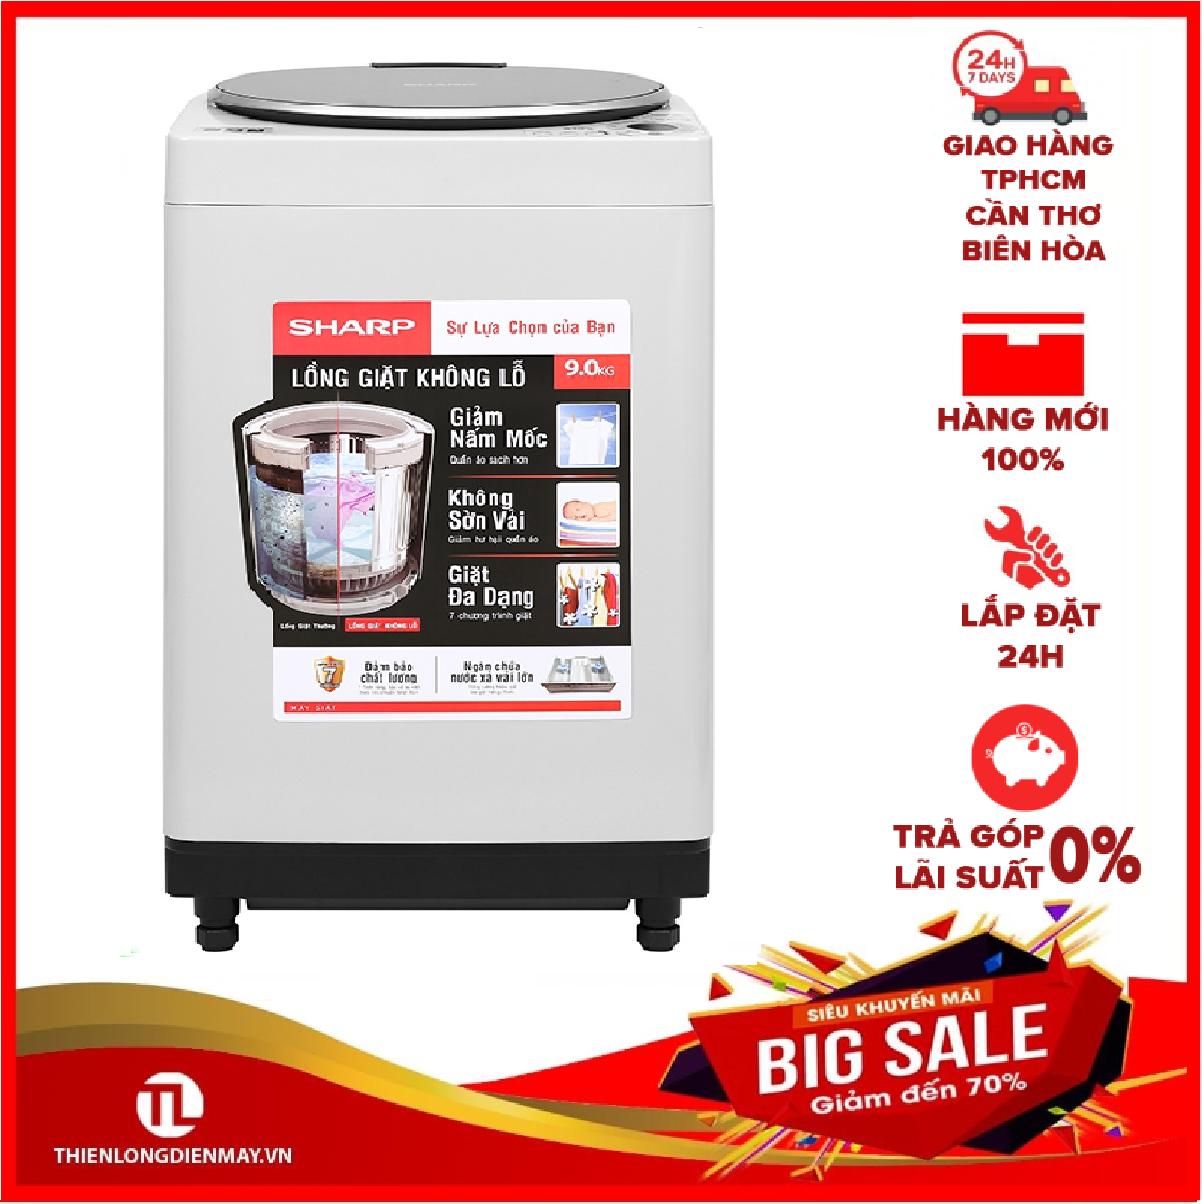 [GIAO HÀNG 2 - 15 NGÀY, TRỄ NHẤT 15.08] TRẢ GÓP 0% - Máy giặt Sharp 9 kg ES-W90PV-H Mới 2020 - Bảo hành 12 tháng